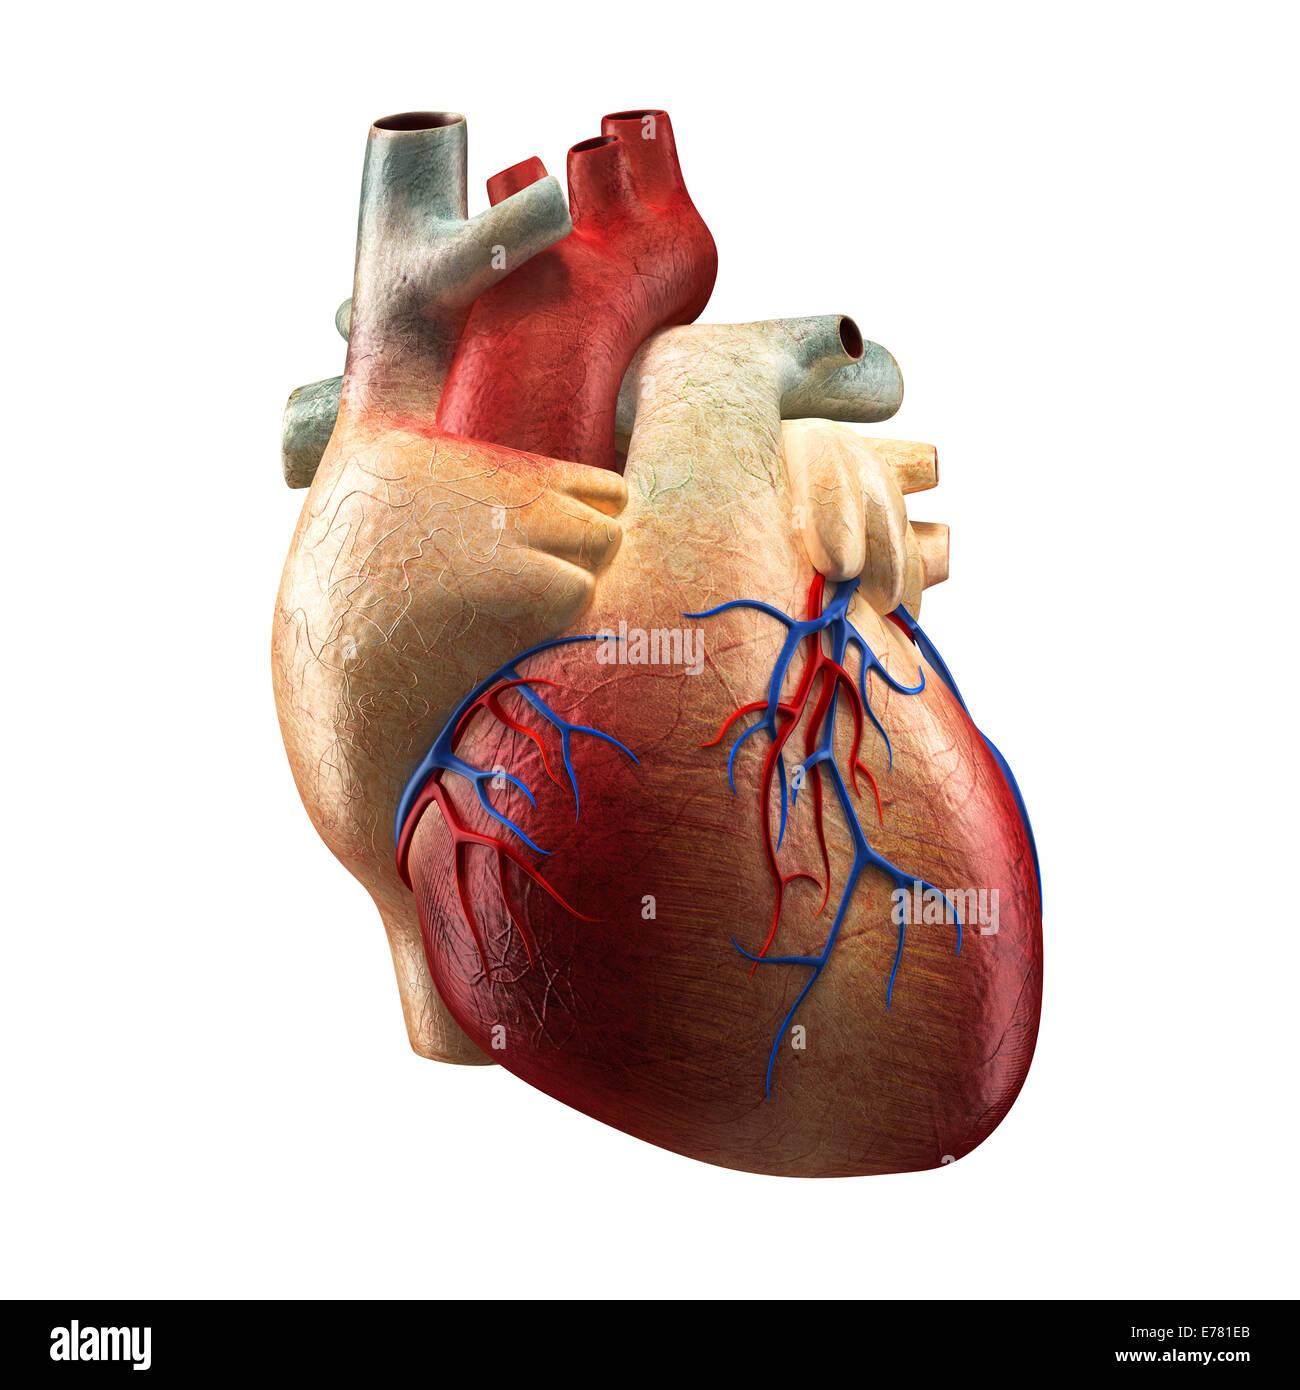 Echte Herz - Anatomie-Modell Stockfoto, Bild: 73320867 - Alamy